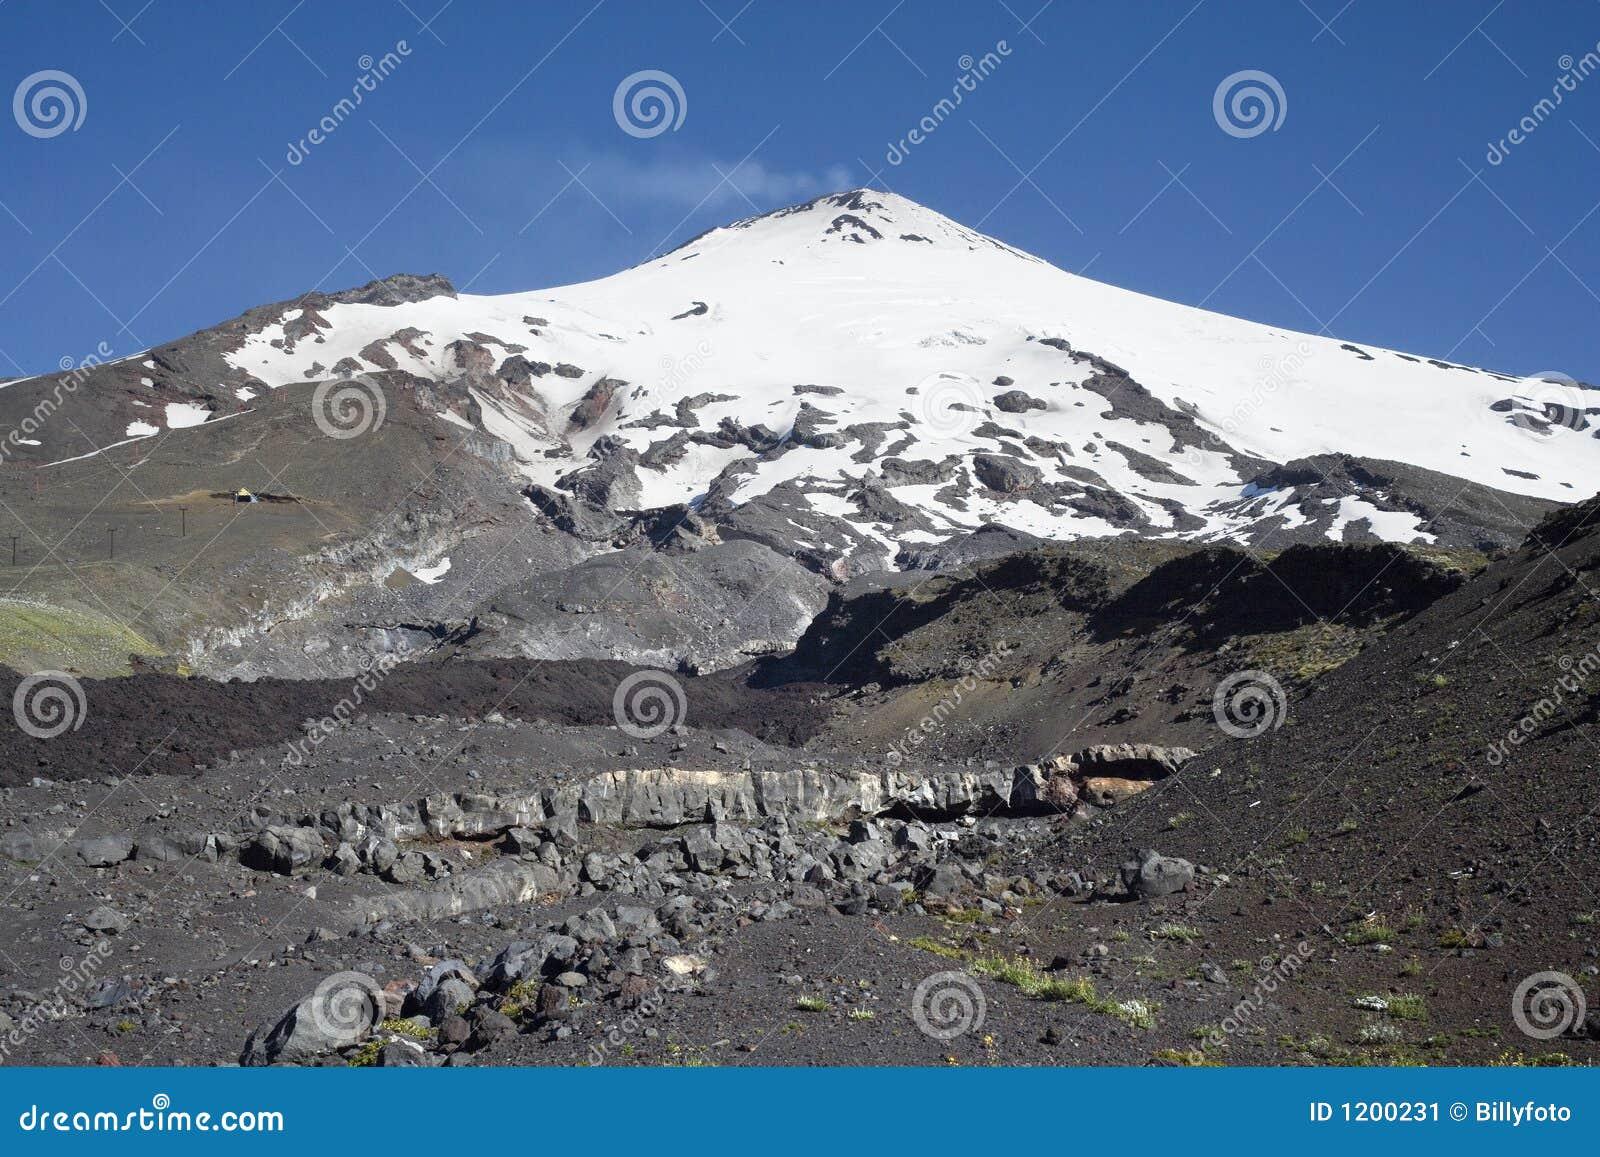 Active Villarrica volcano